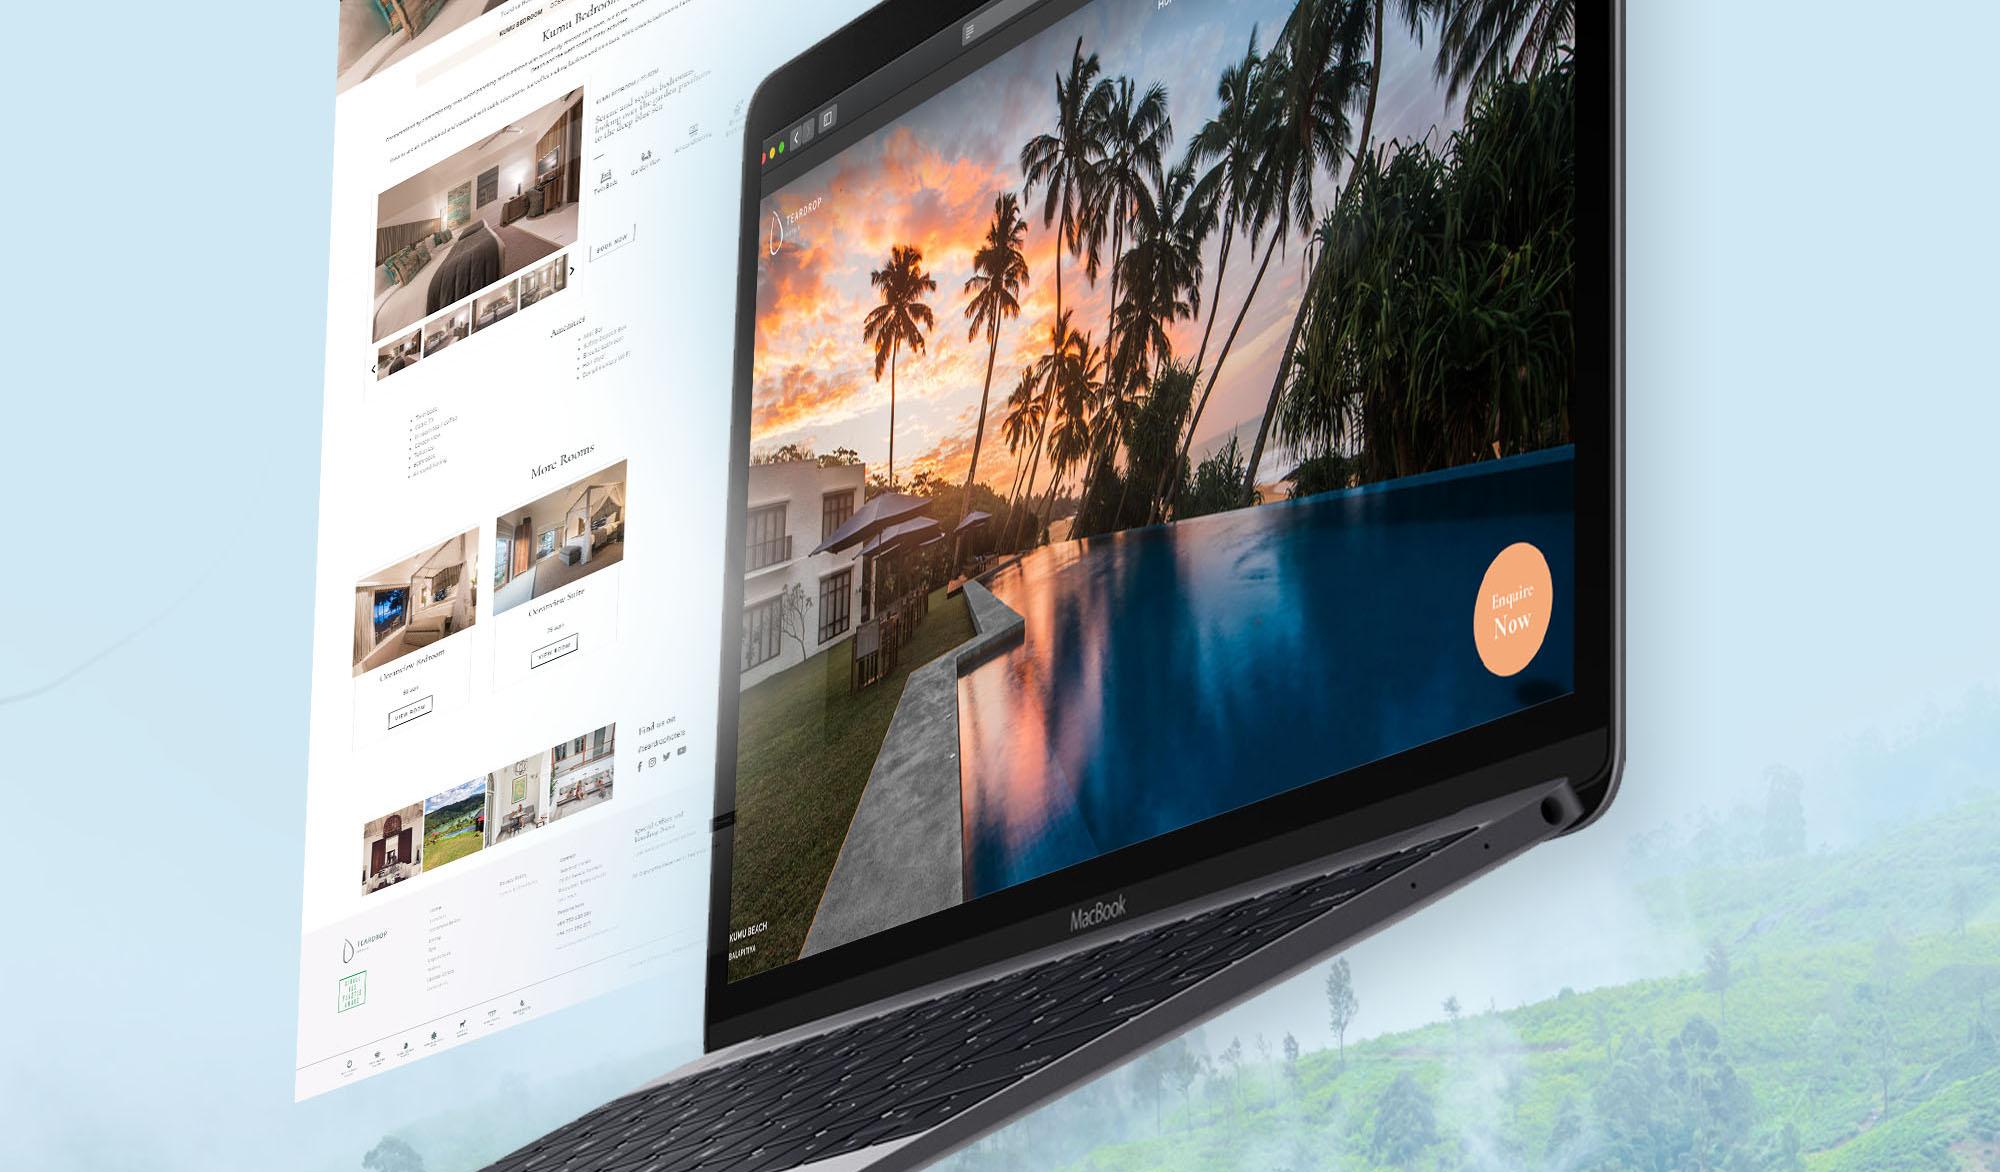 Teadrop hotels resort website design display